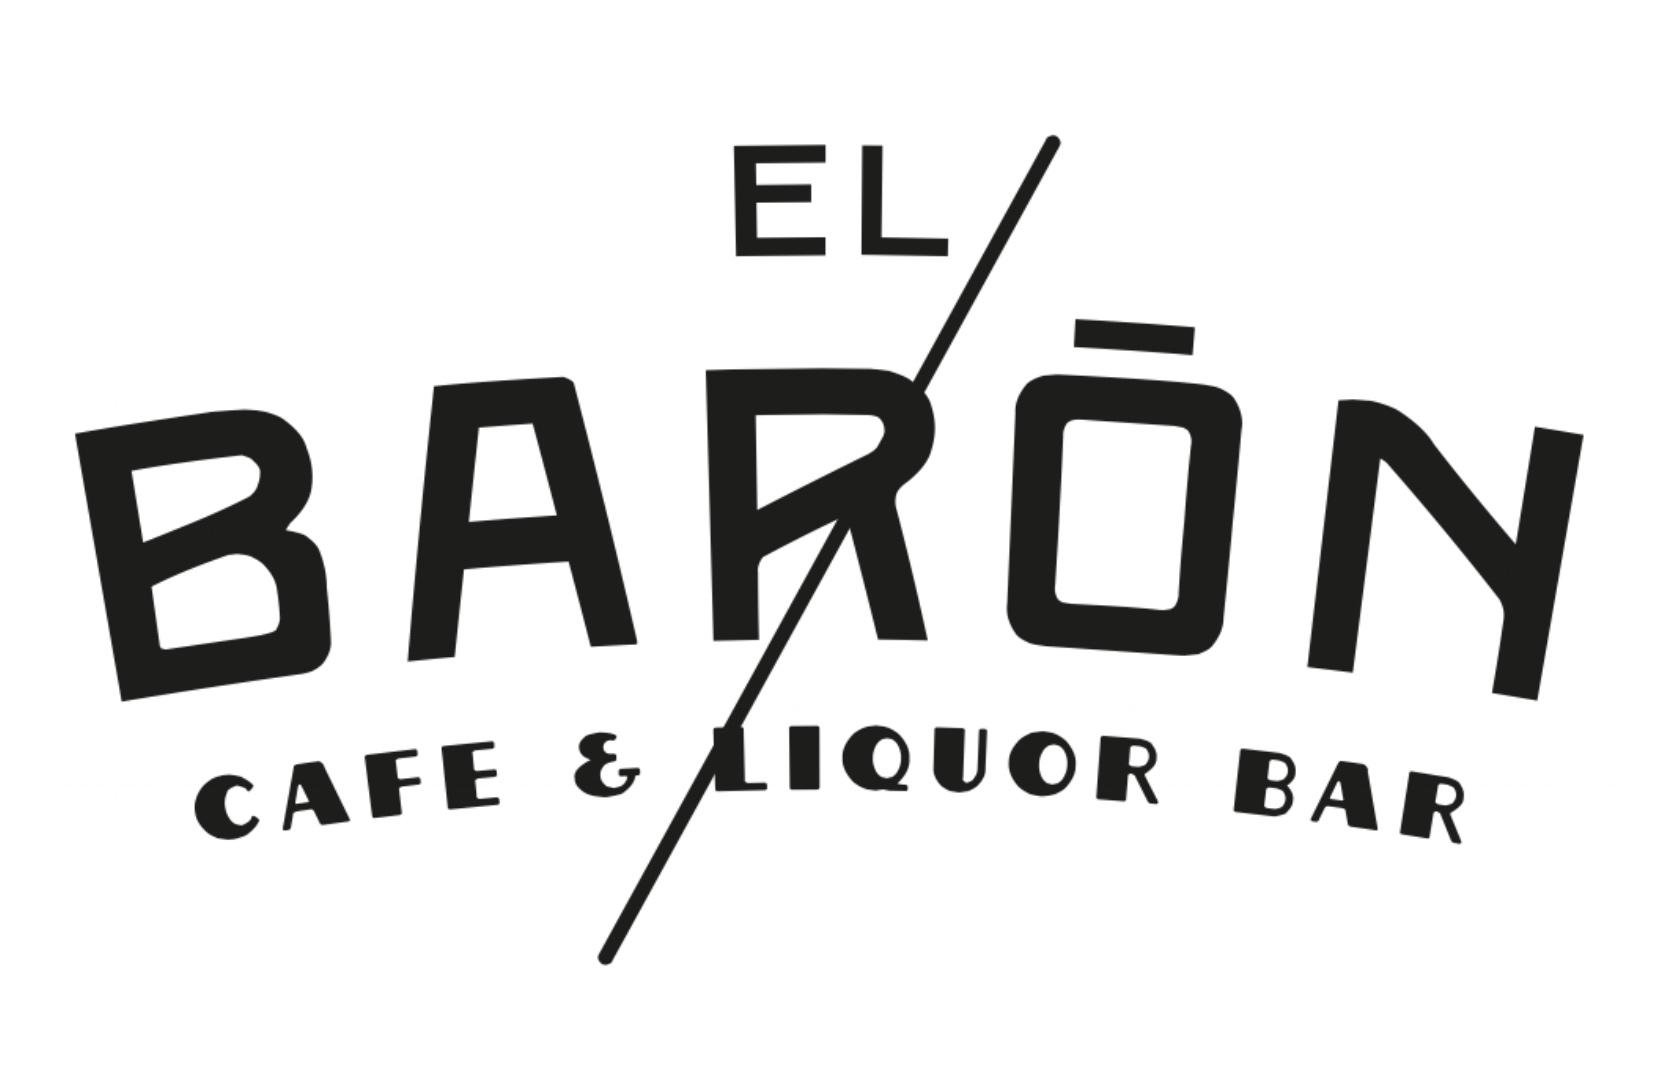 El Baron Cartagena